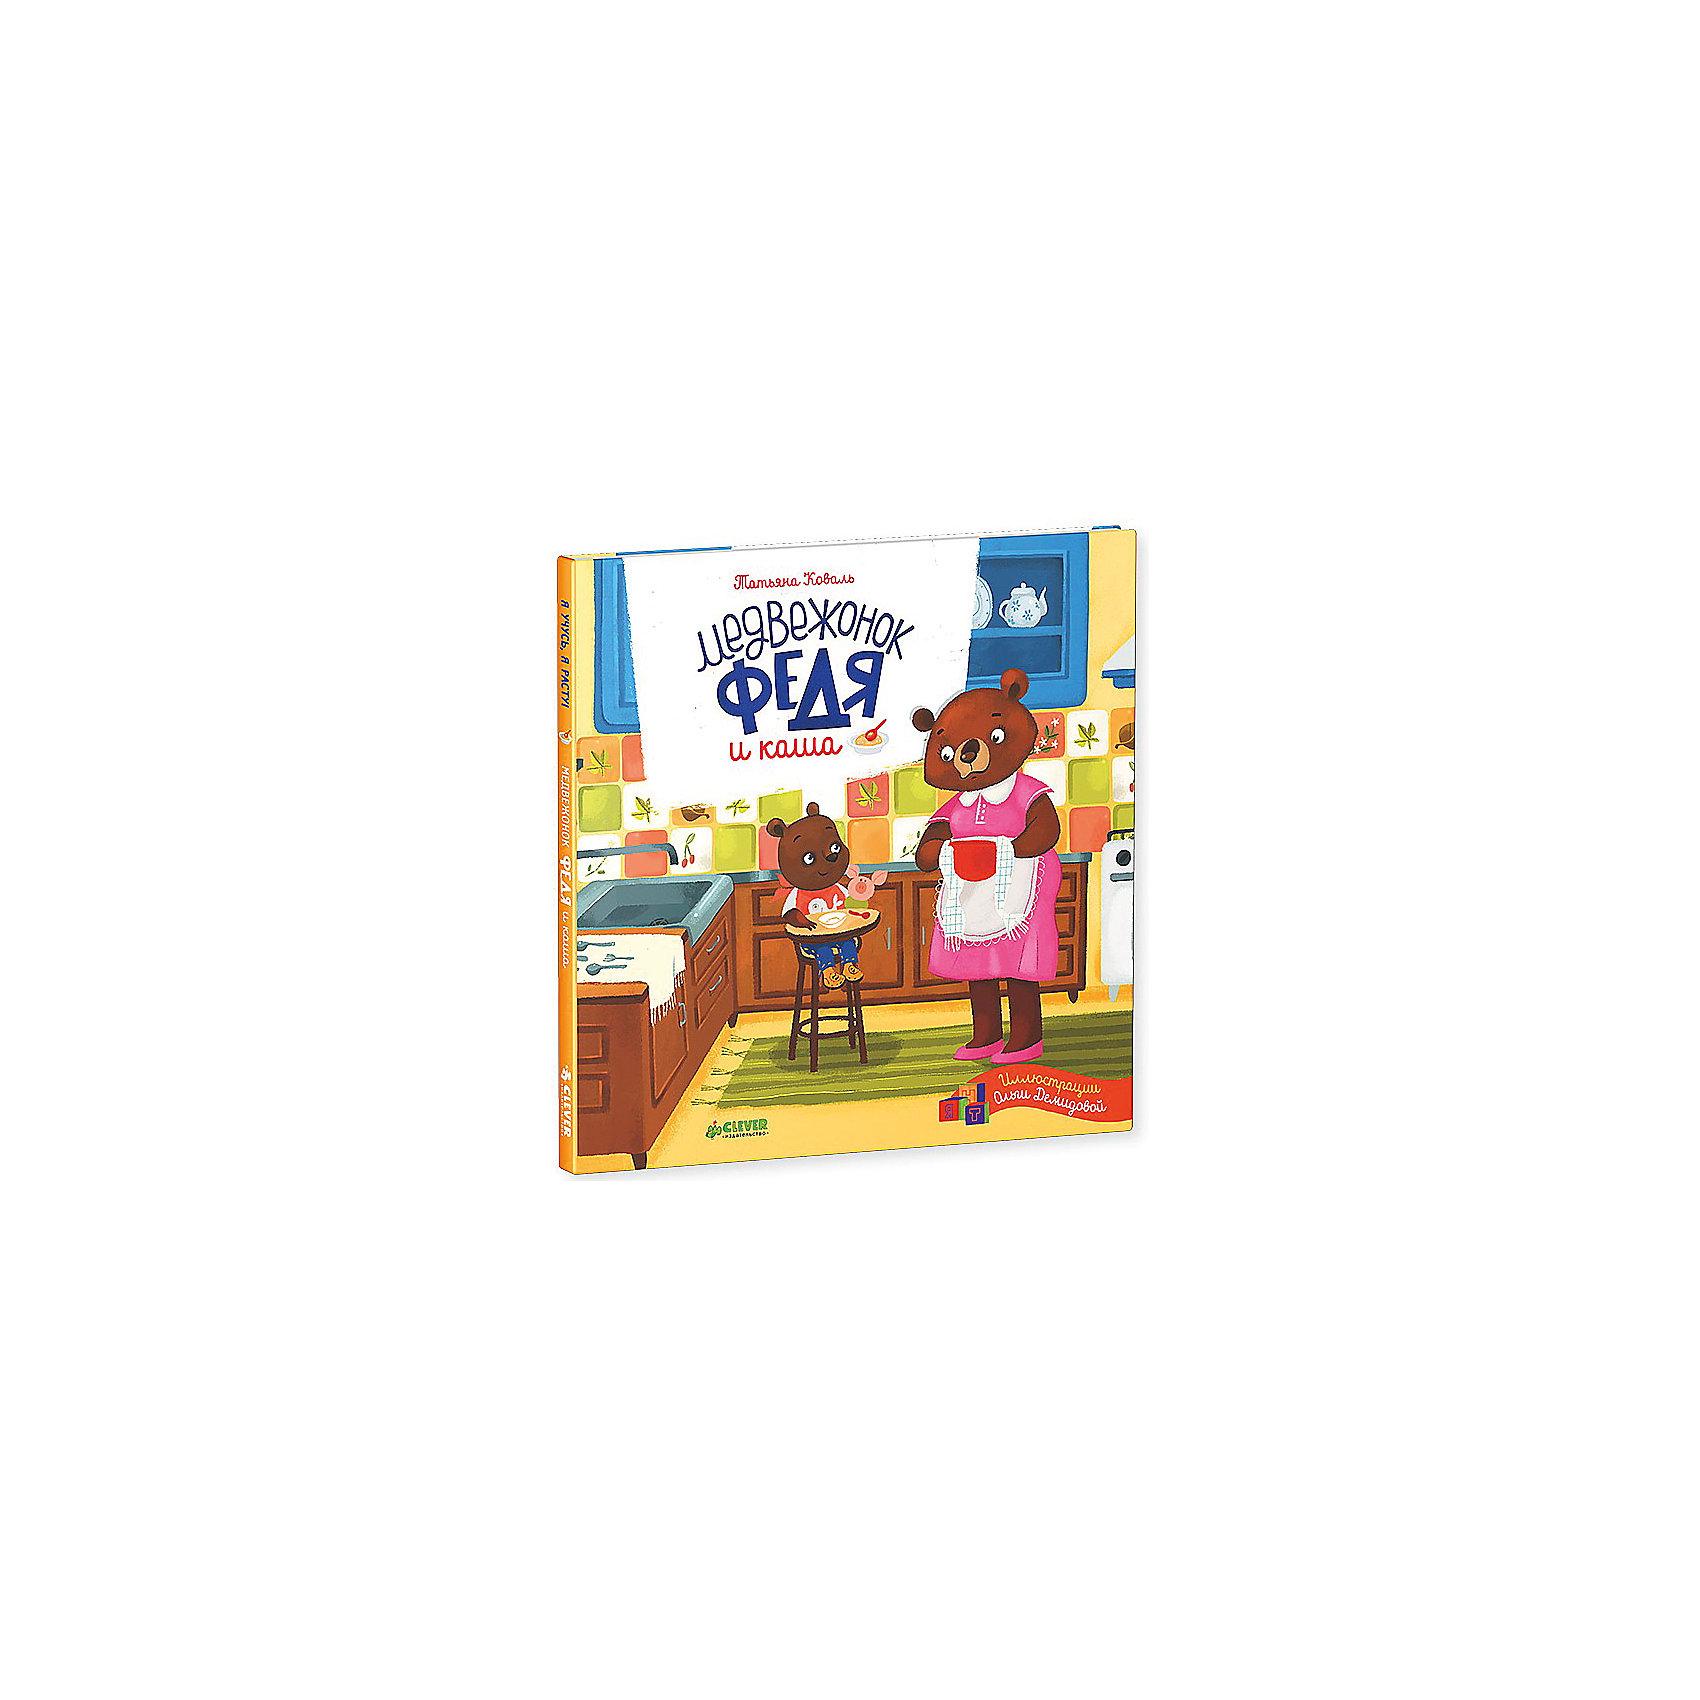 Медвежонок Федя и каша, Т. КовальСтихи<br>Это веселая и поучительная история о том, как Федя научился пользоваться ложкой самостоятельно. На примере главного героя ребенок легко освоит необходимые жизненные навыки. А забавные стихи и красочные рисунки с большим количеством деталей непременно понравятся малышу. Совет родителям: вы можете использовать эту книжку для развивающей игры найди и покажи. Предложите ребенку найти на странице те или иные предметы, попросите их посчитать, назвать цвета.<br><br>Дополнительная информация:<br><br>- год издания: 2015<br>- формат: 22.5 * 23* 1,5 см.<br>- переплет: твердый бумажный, частичная лакировка<br>- количество страниц: 32<br>- возраст:  от 1 до 3 лет <br>- вес: 260 гр.<br><br>Книгу Медвежонок Федя и каша, Т. Коваль можно купить в нашем интернет-магазине.<br><br>Ширина мм: 220<br>Глубина мм: 220<br>Высота мм: 15<br>Вес г: 300<br>Возраст от месяцев: 0<br>Возраст до месяцев: 36<br>Пол: Унисекс<br>Возраст: Детский<br>SKU: 4750699